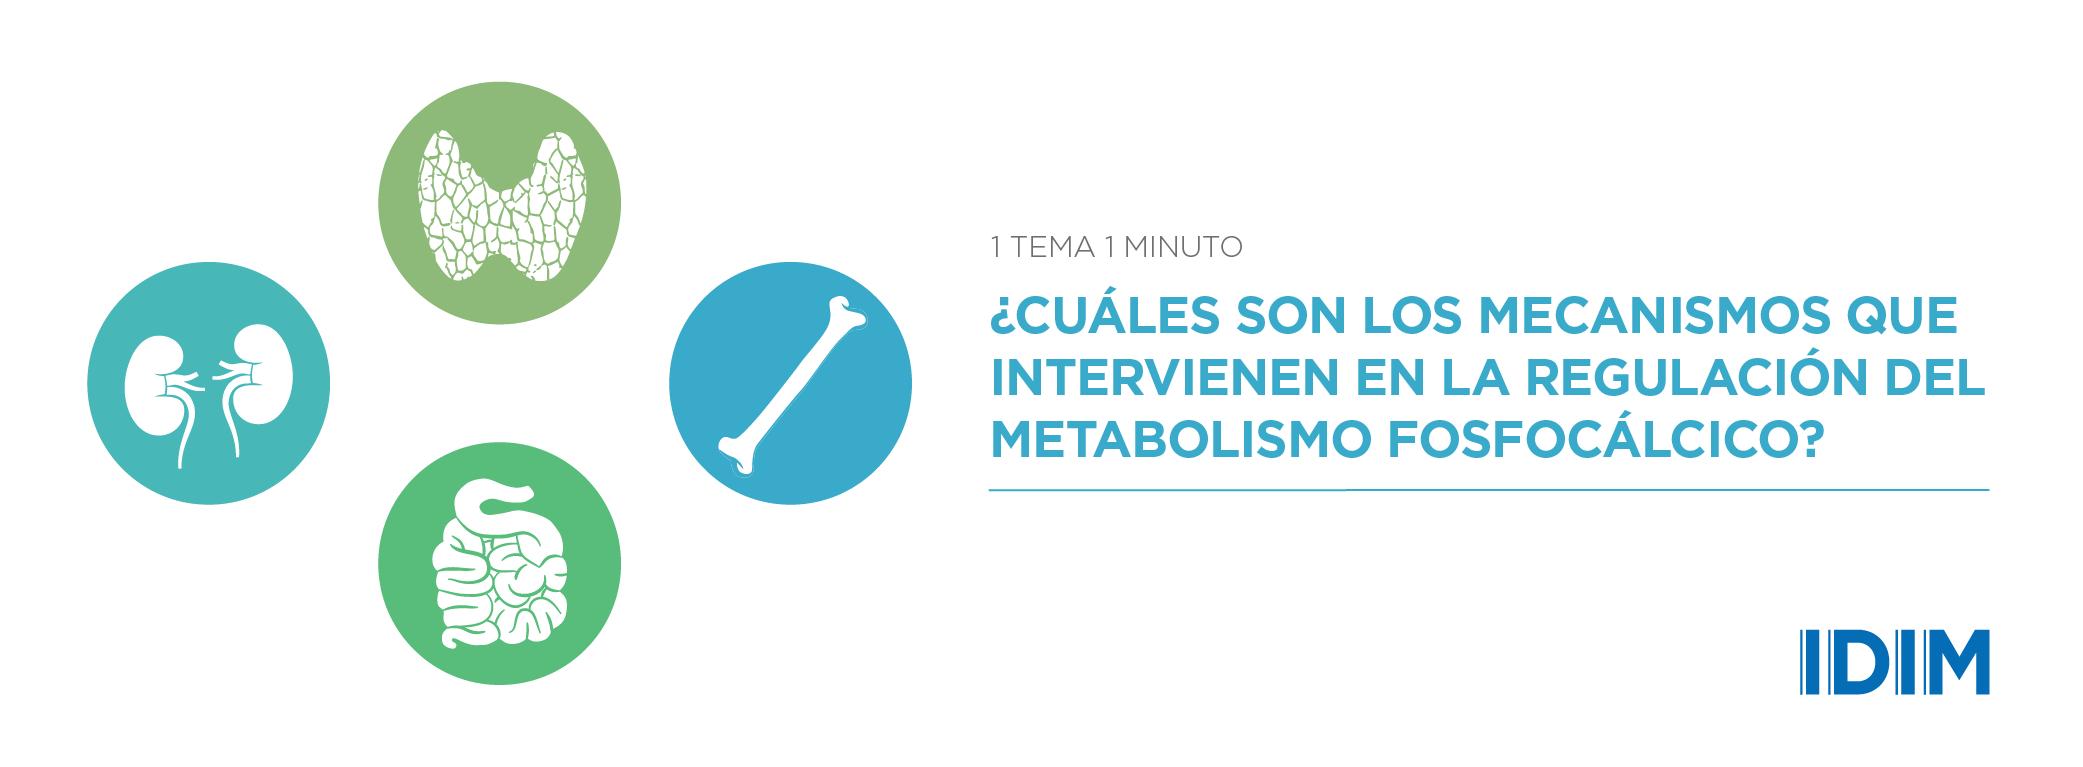 ¿Cuáles son los mecanismos que intervienen en la regulación del metabolismo fosfocálcico?